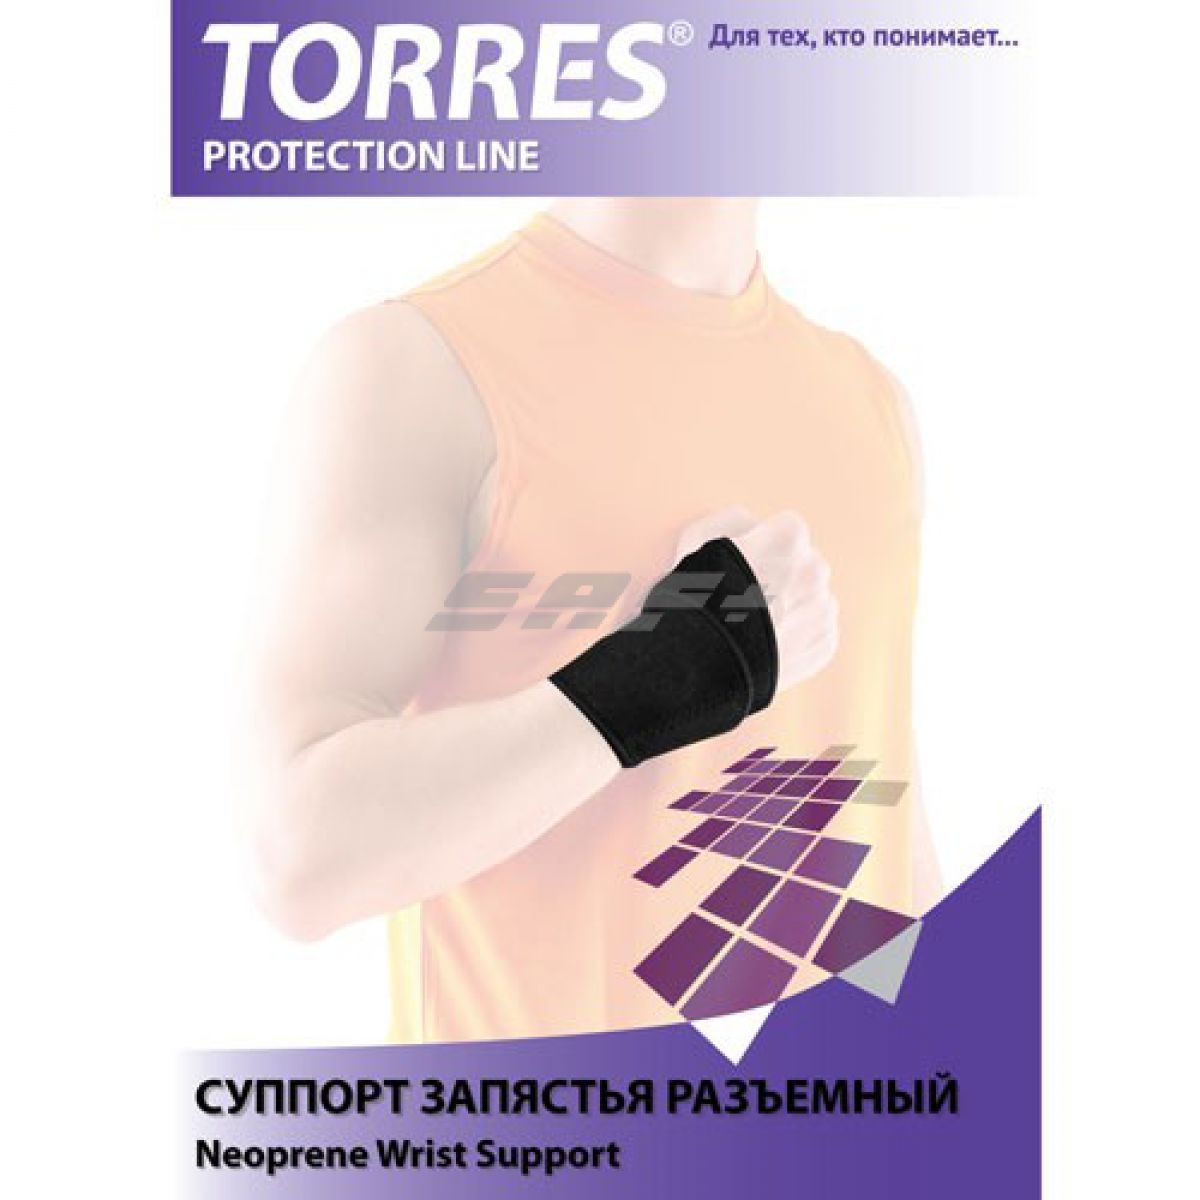 TORRES Суппорт запястья